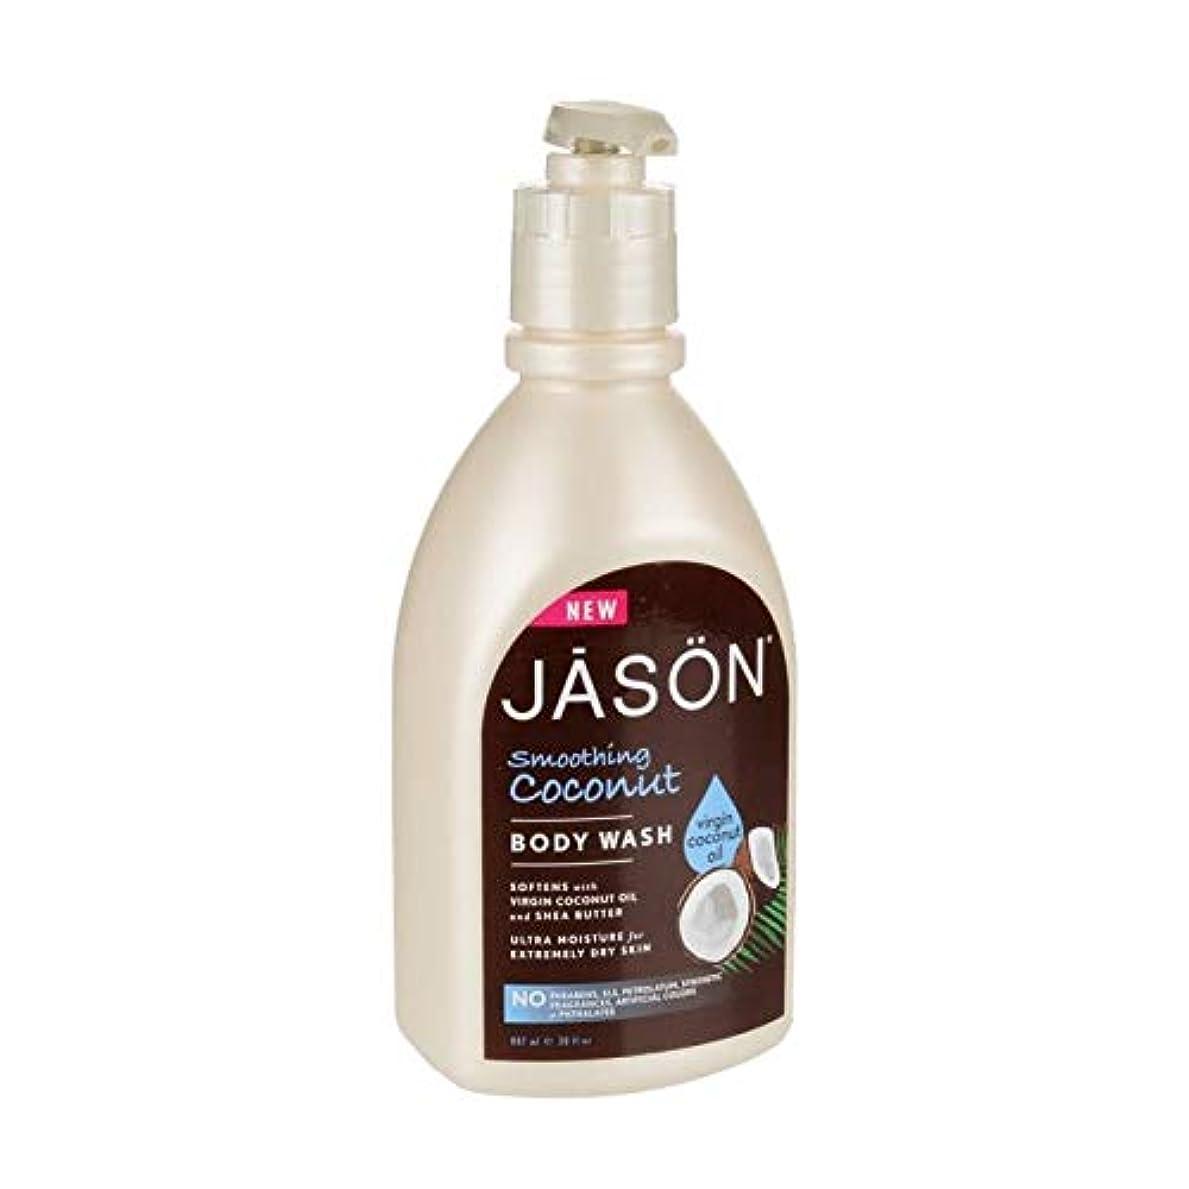 隠環境ご意見[Jason] ジェイソン?ココナッツボディウォッシュ887ミリリットル - Jason Coconut Body Wash 887ml [並行輸入品]